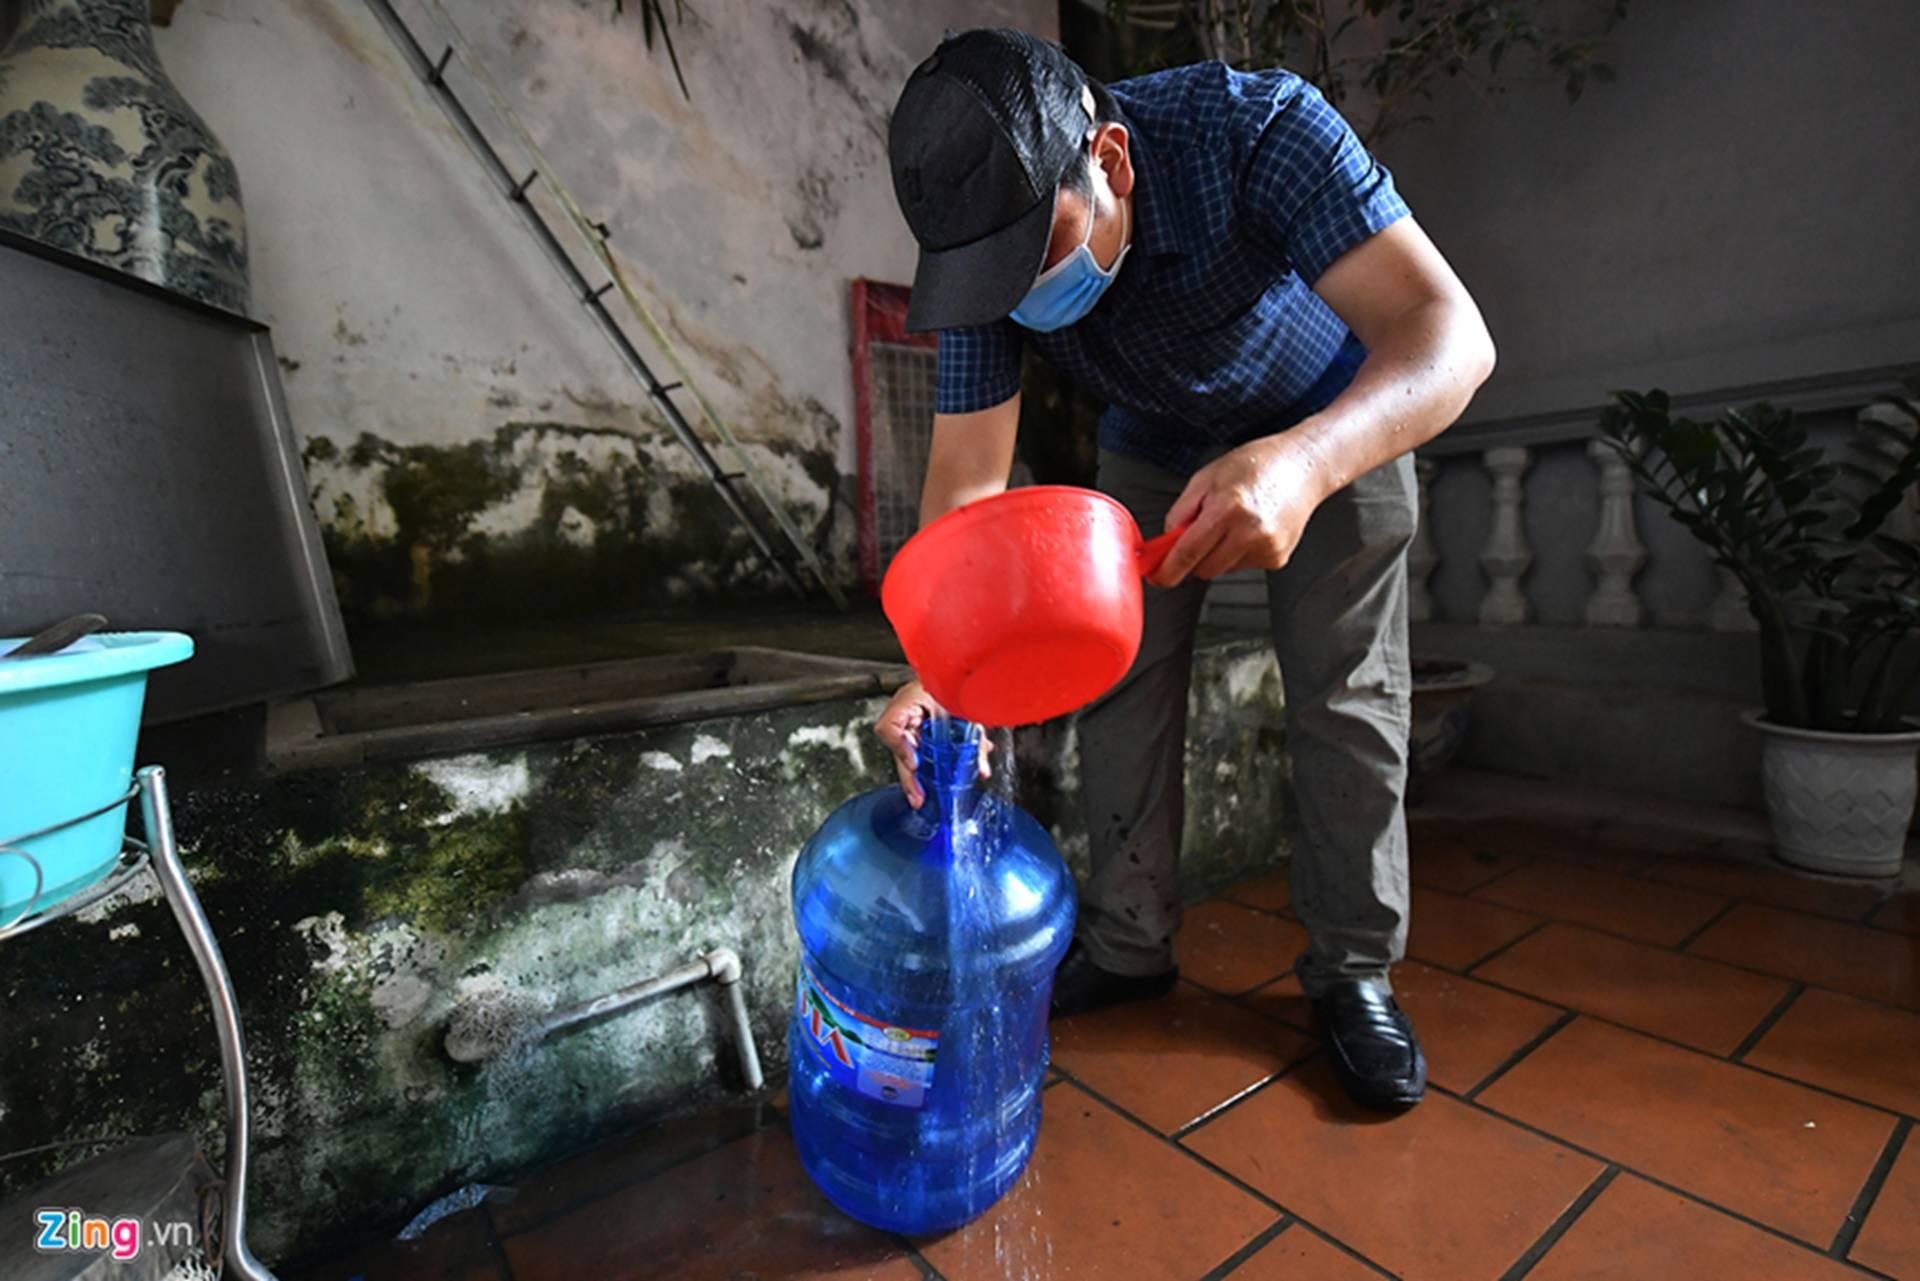 Cuộc sống người Hà Nội đảo lộn trong cơn khủng hoảng nước-24